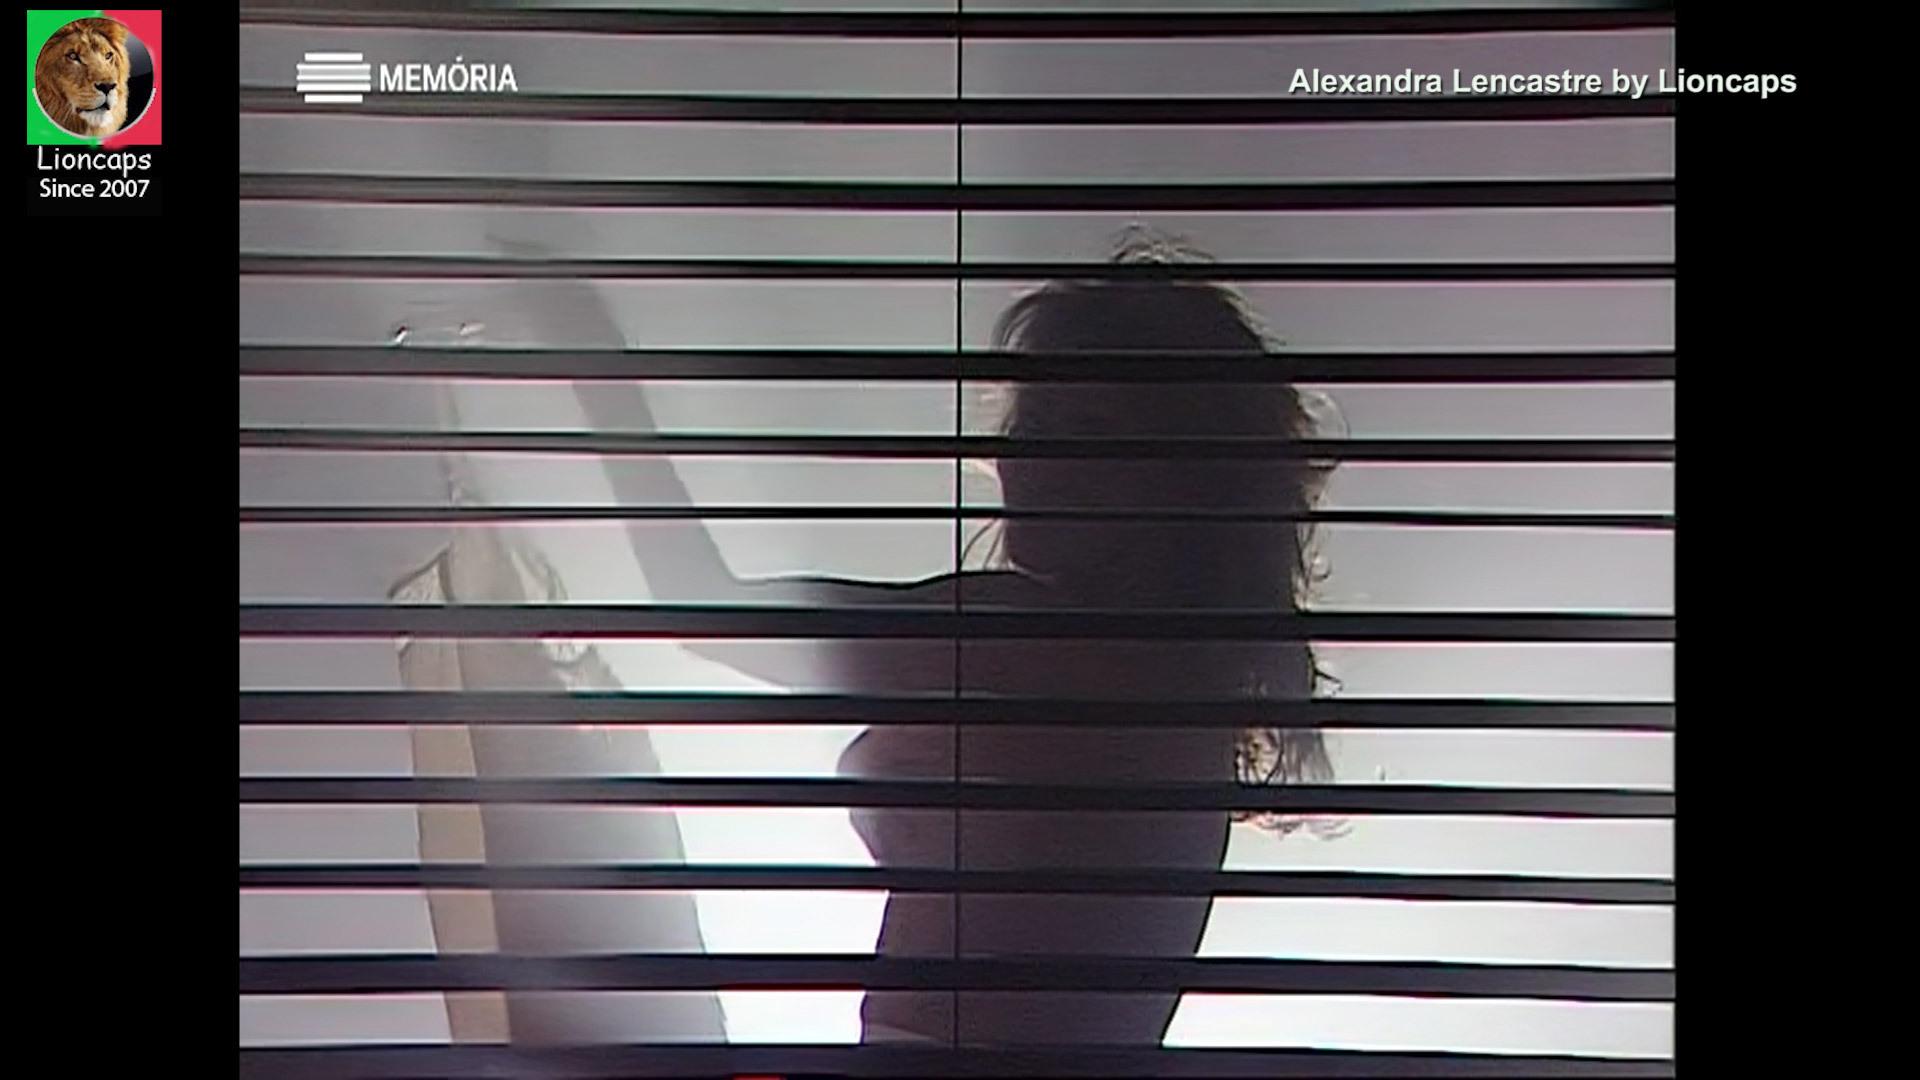 alexandra_lencastre_nao_es_homem_lioncaps_31_08_2021_02 (13).jpg